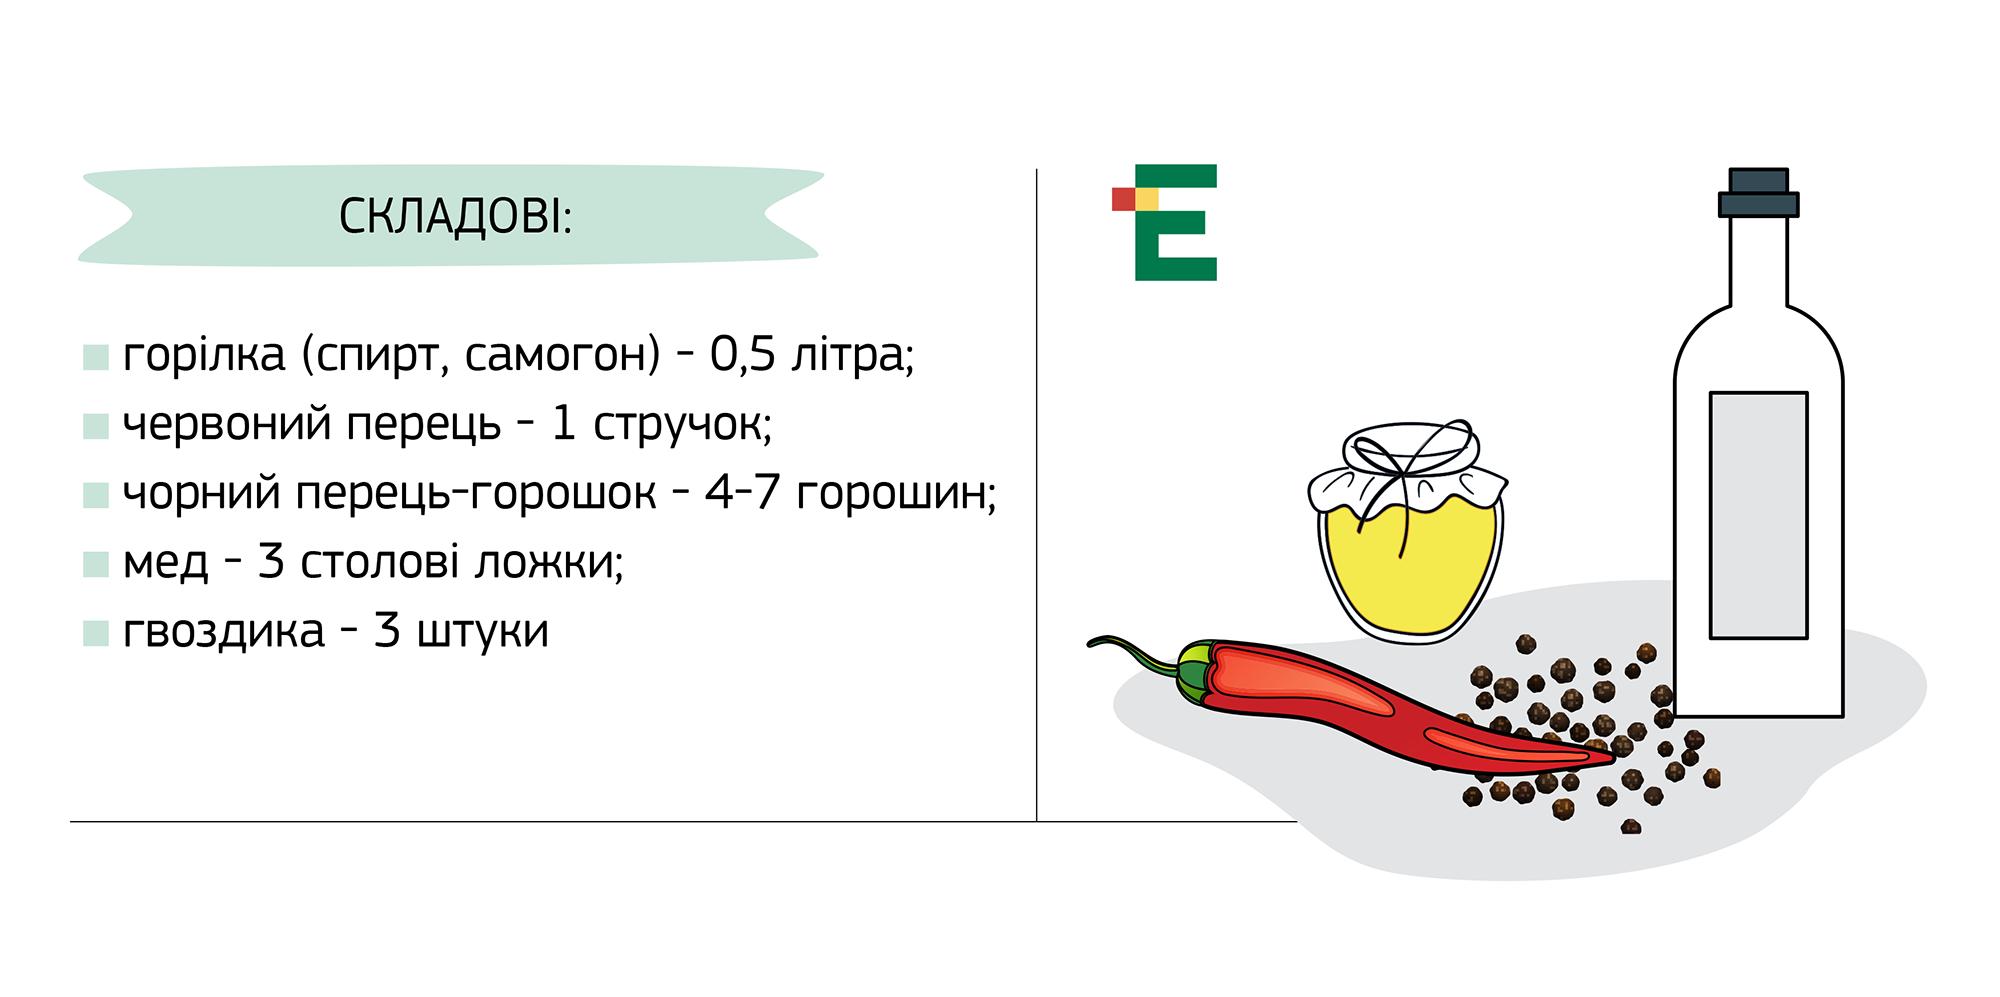 Крепко, изысканно и бюджетно: как приготовить вкусный алкоголь к празднику на собственной кухне